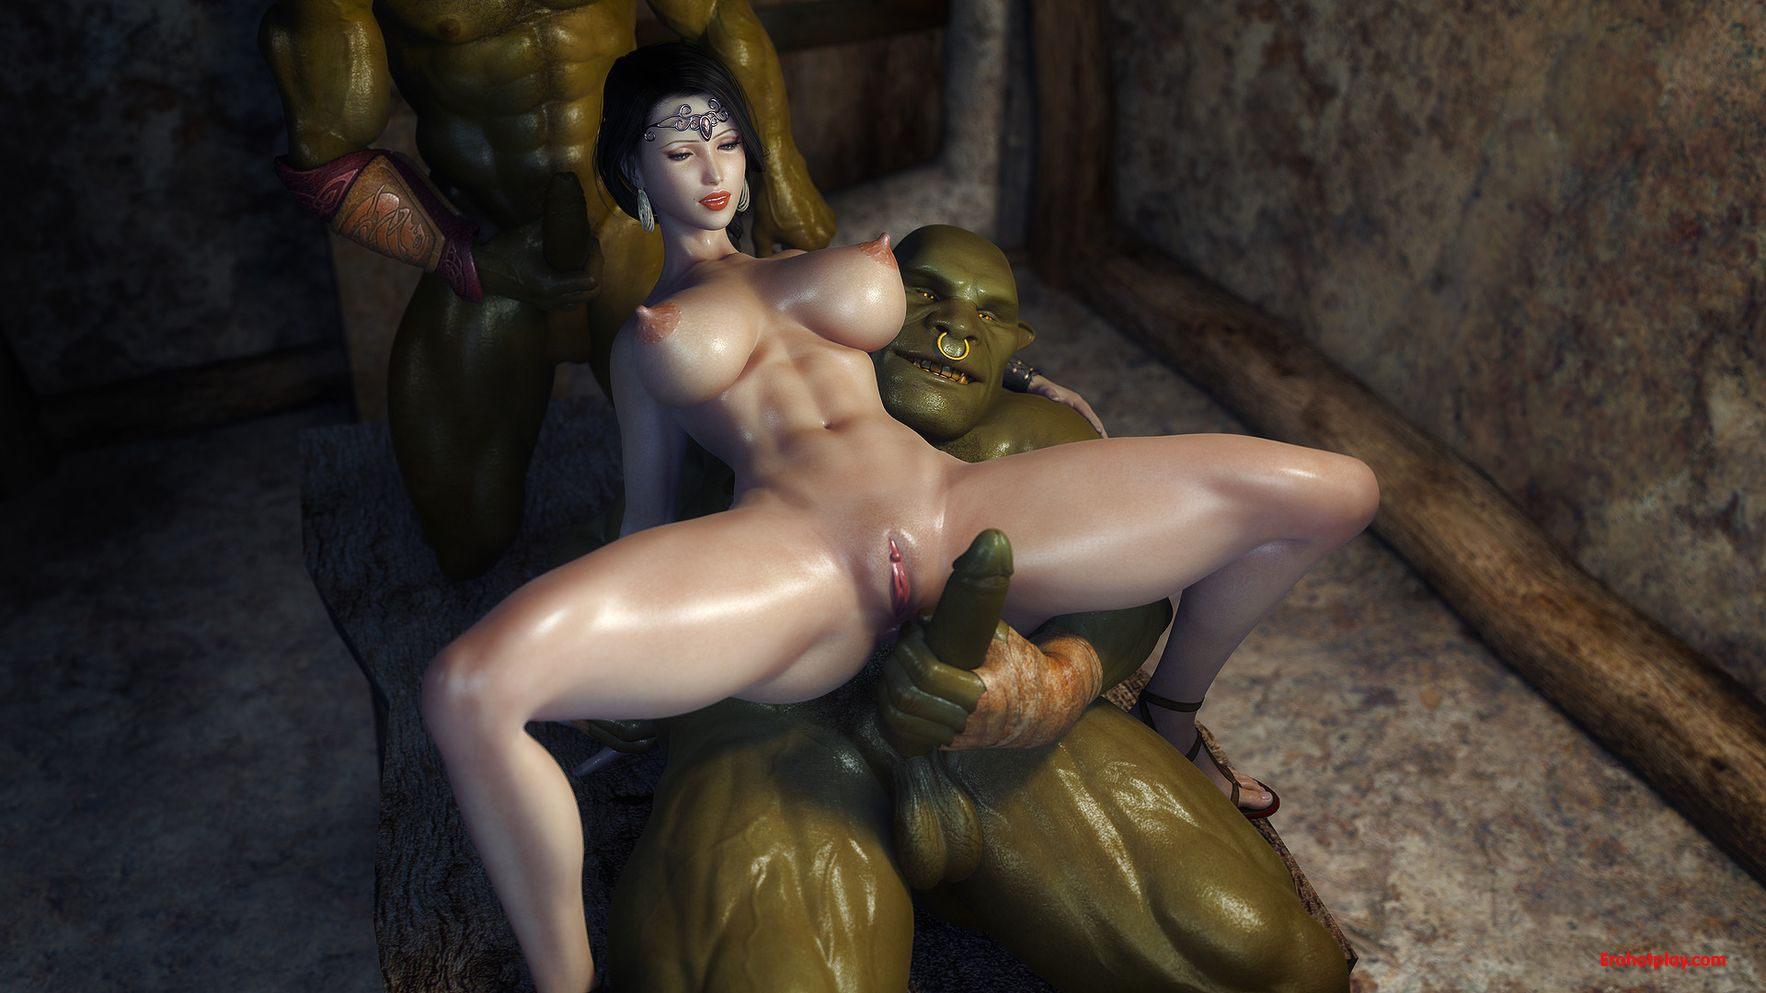 Xxx orc pics erotic film